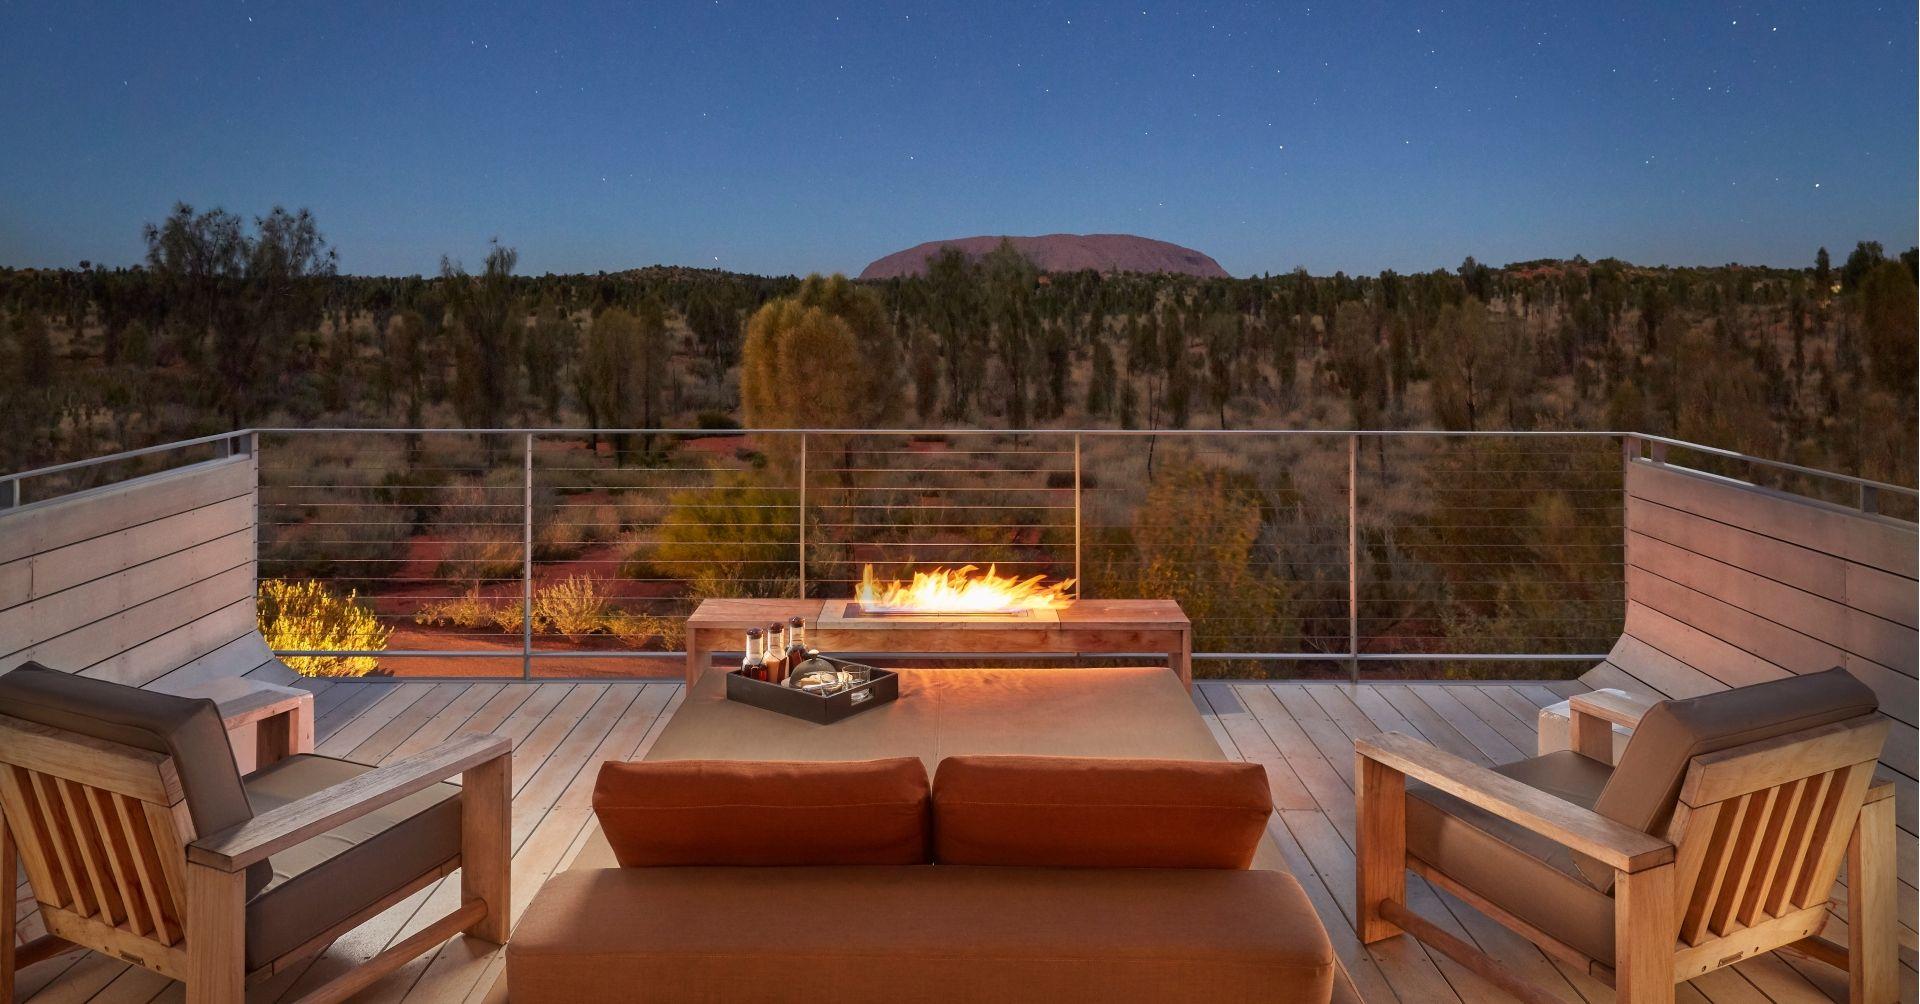 Terrace on an evening